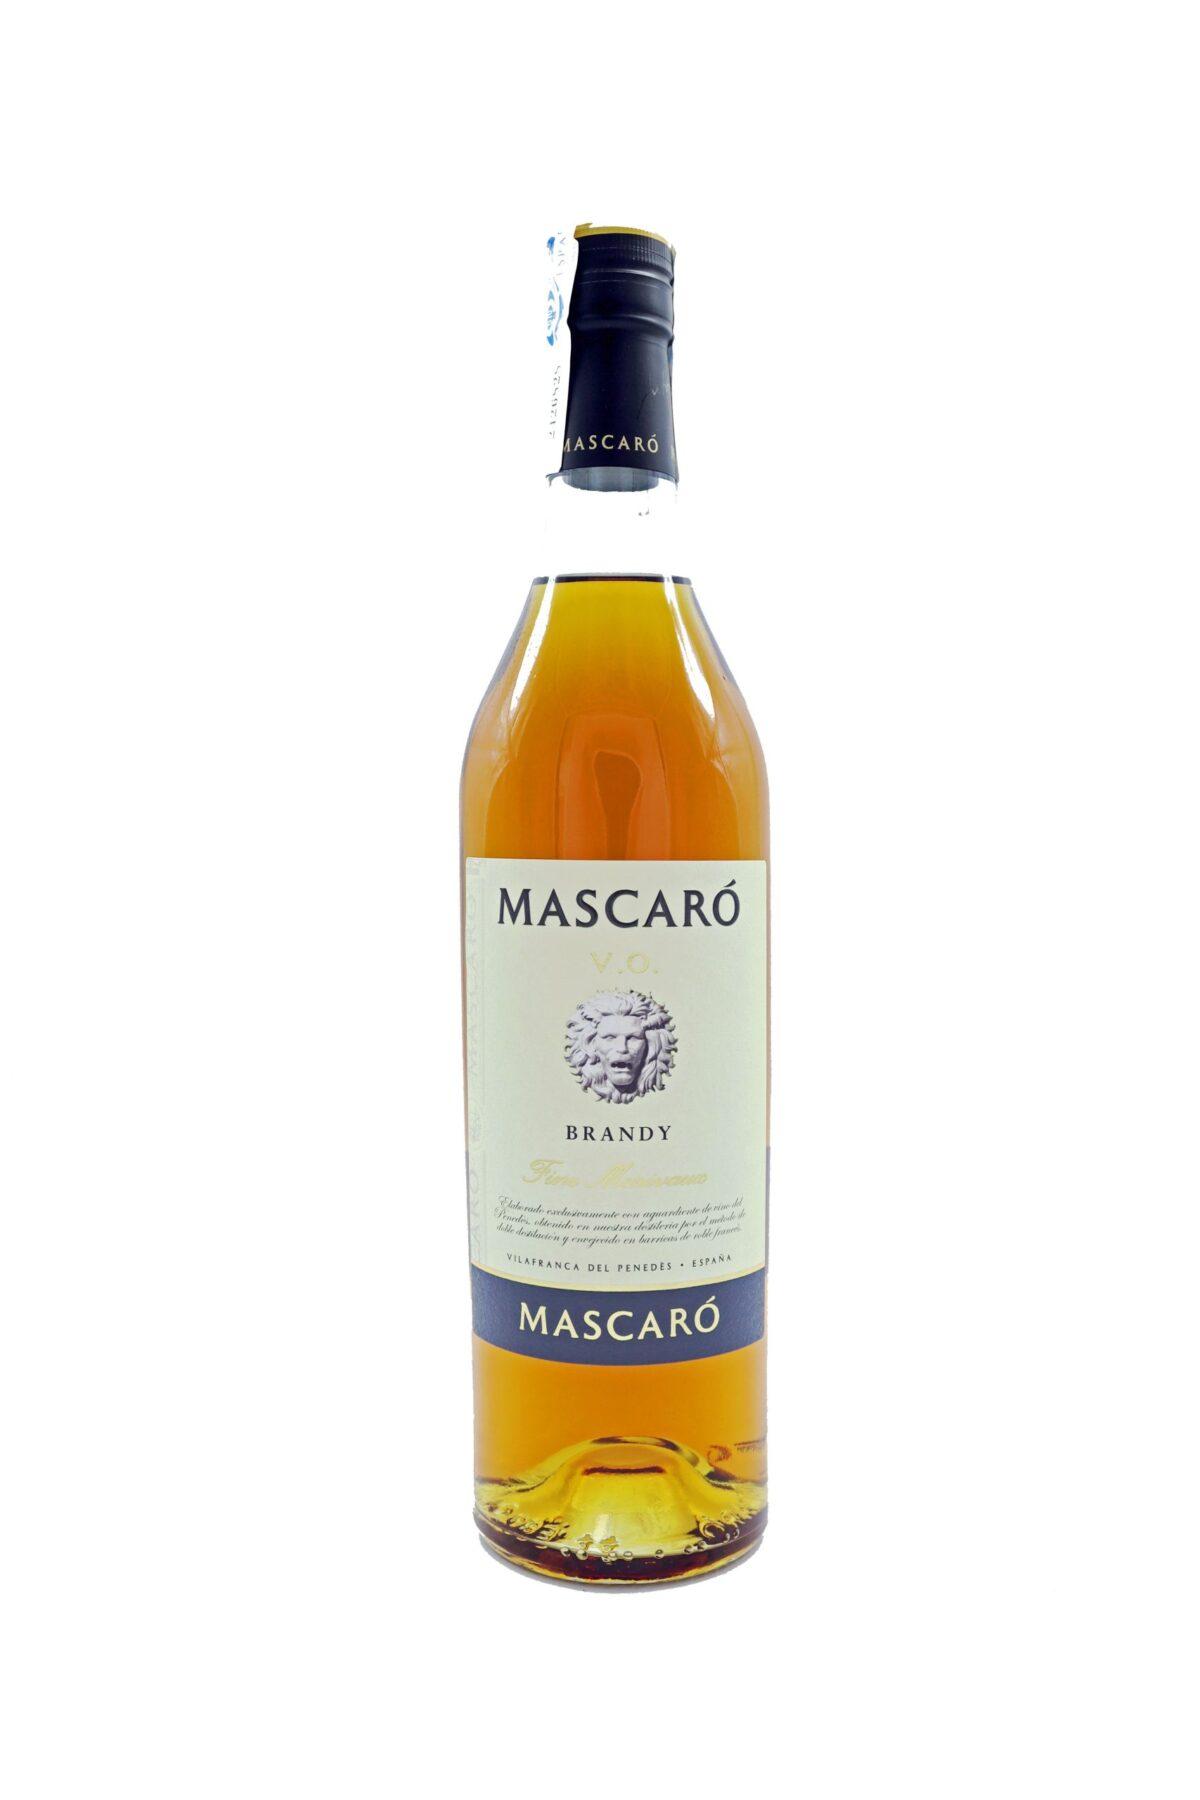 MASCARO Bodega Montferry